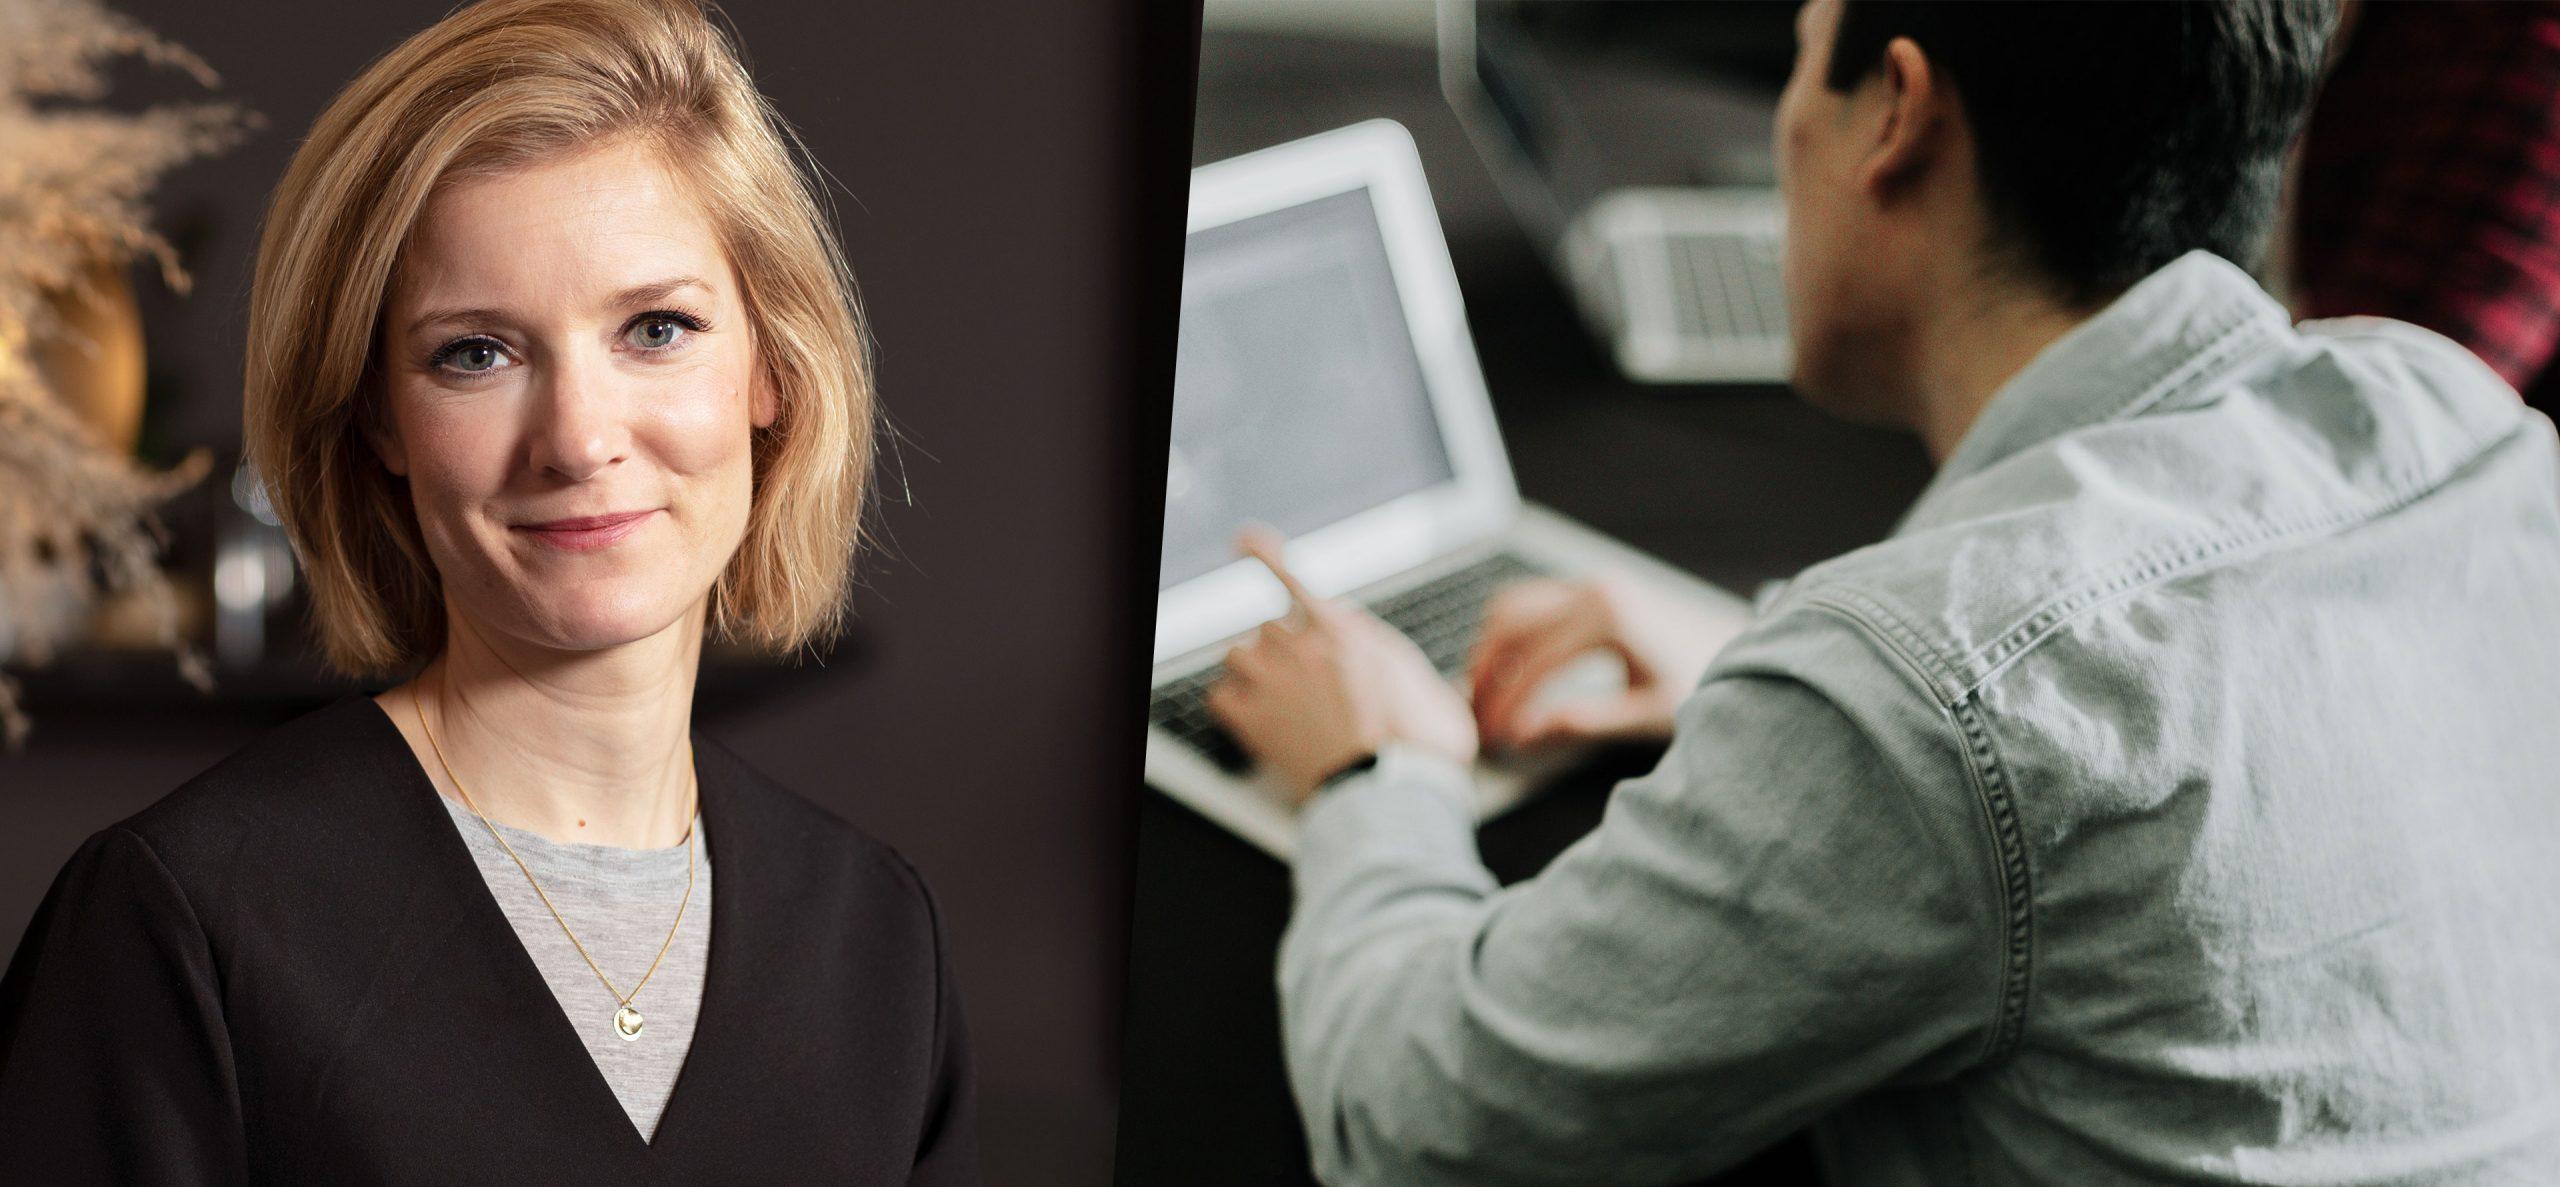 Psykologen förklarar: Därför är det bra att få göra tester när du söker ett jobb